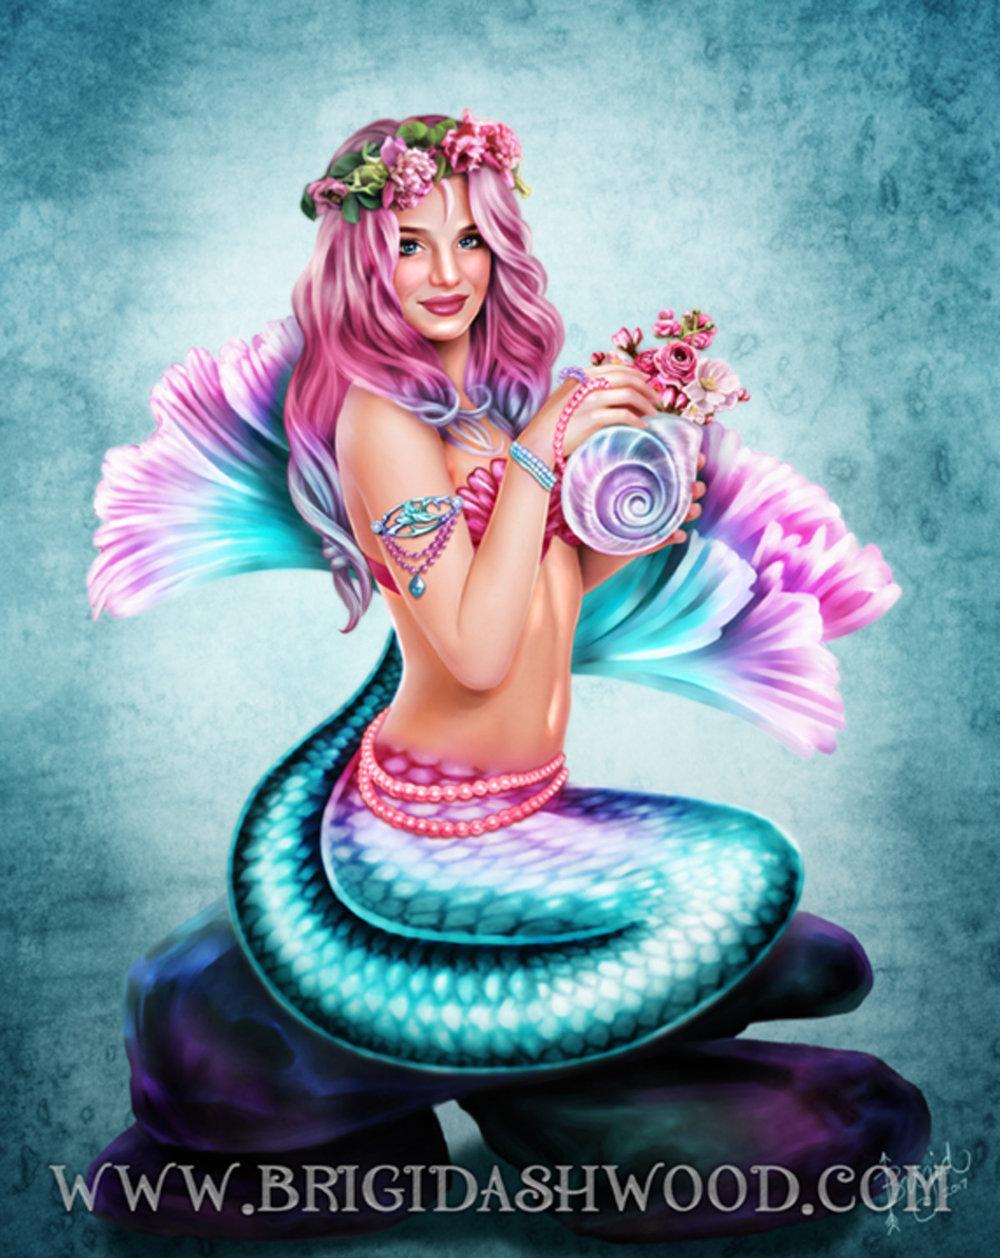 mermaid-visions-spring-flowers-web.jpg